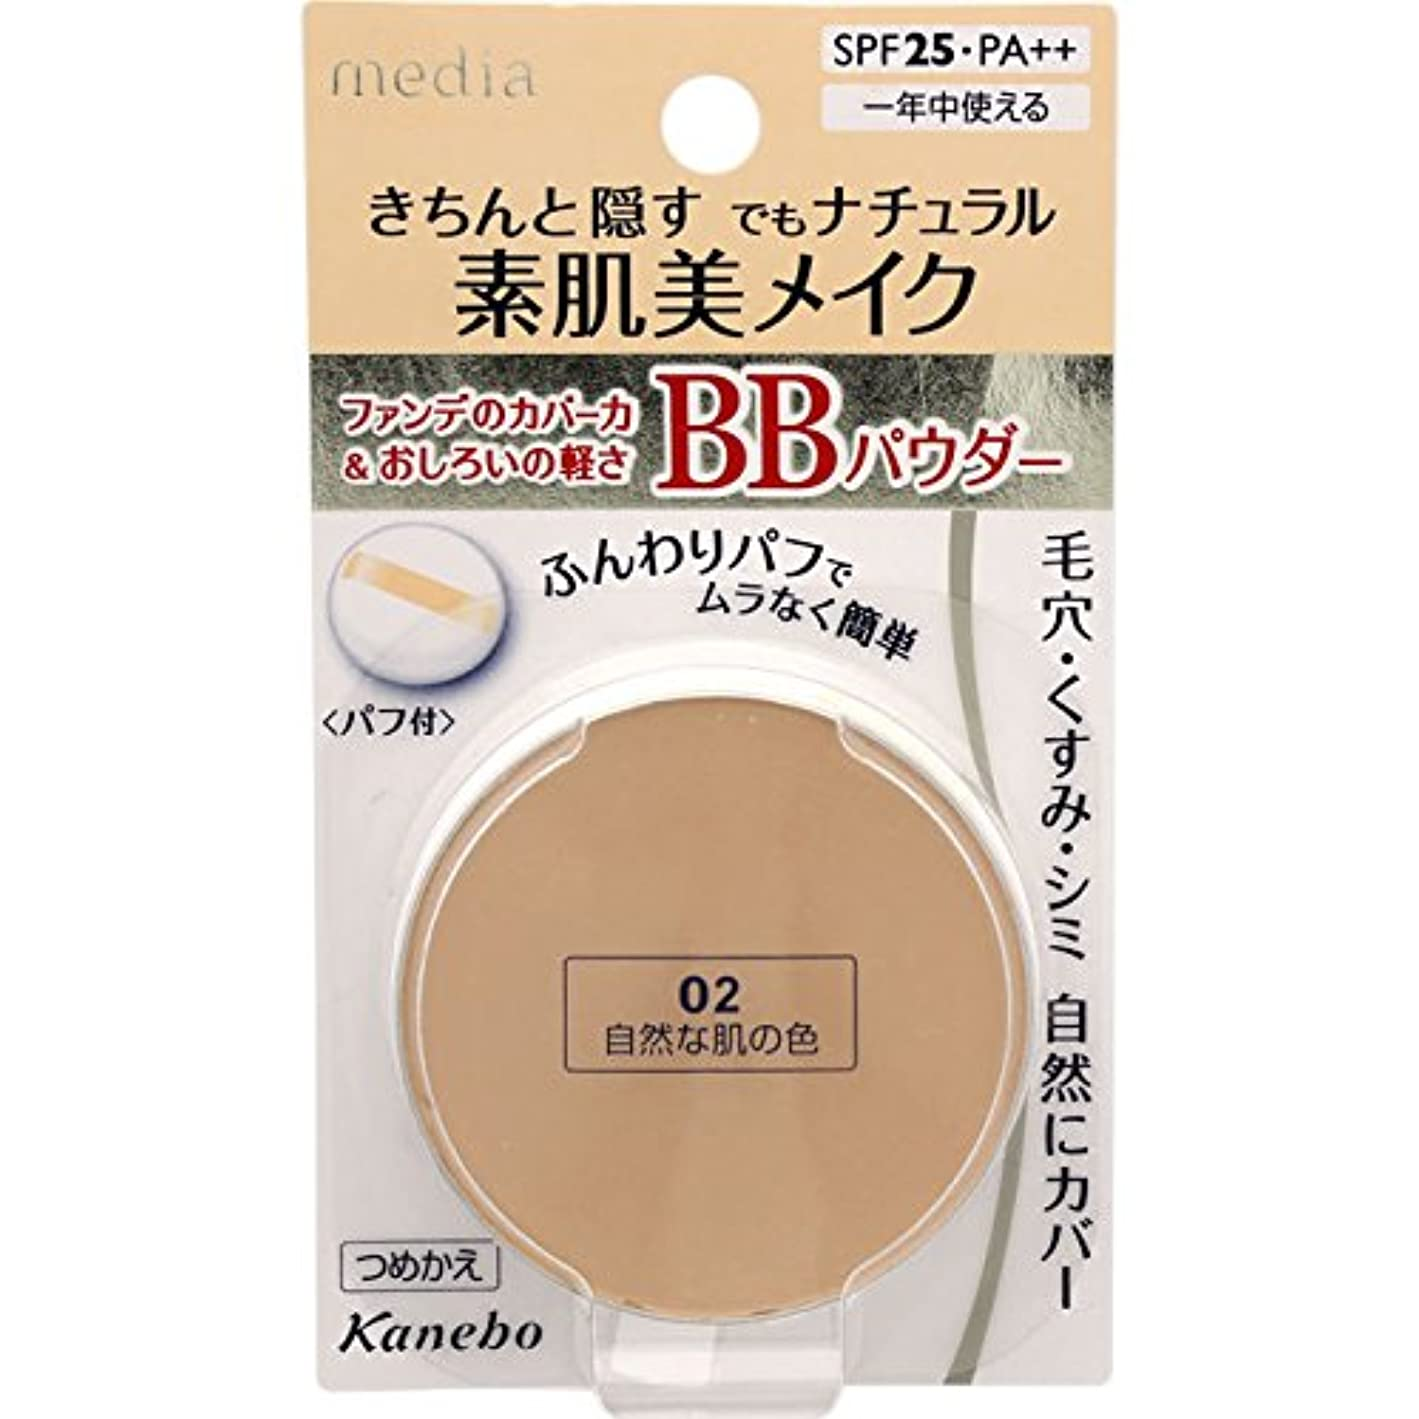 メディアBBパウダー02(自然な肌の色)×4